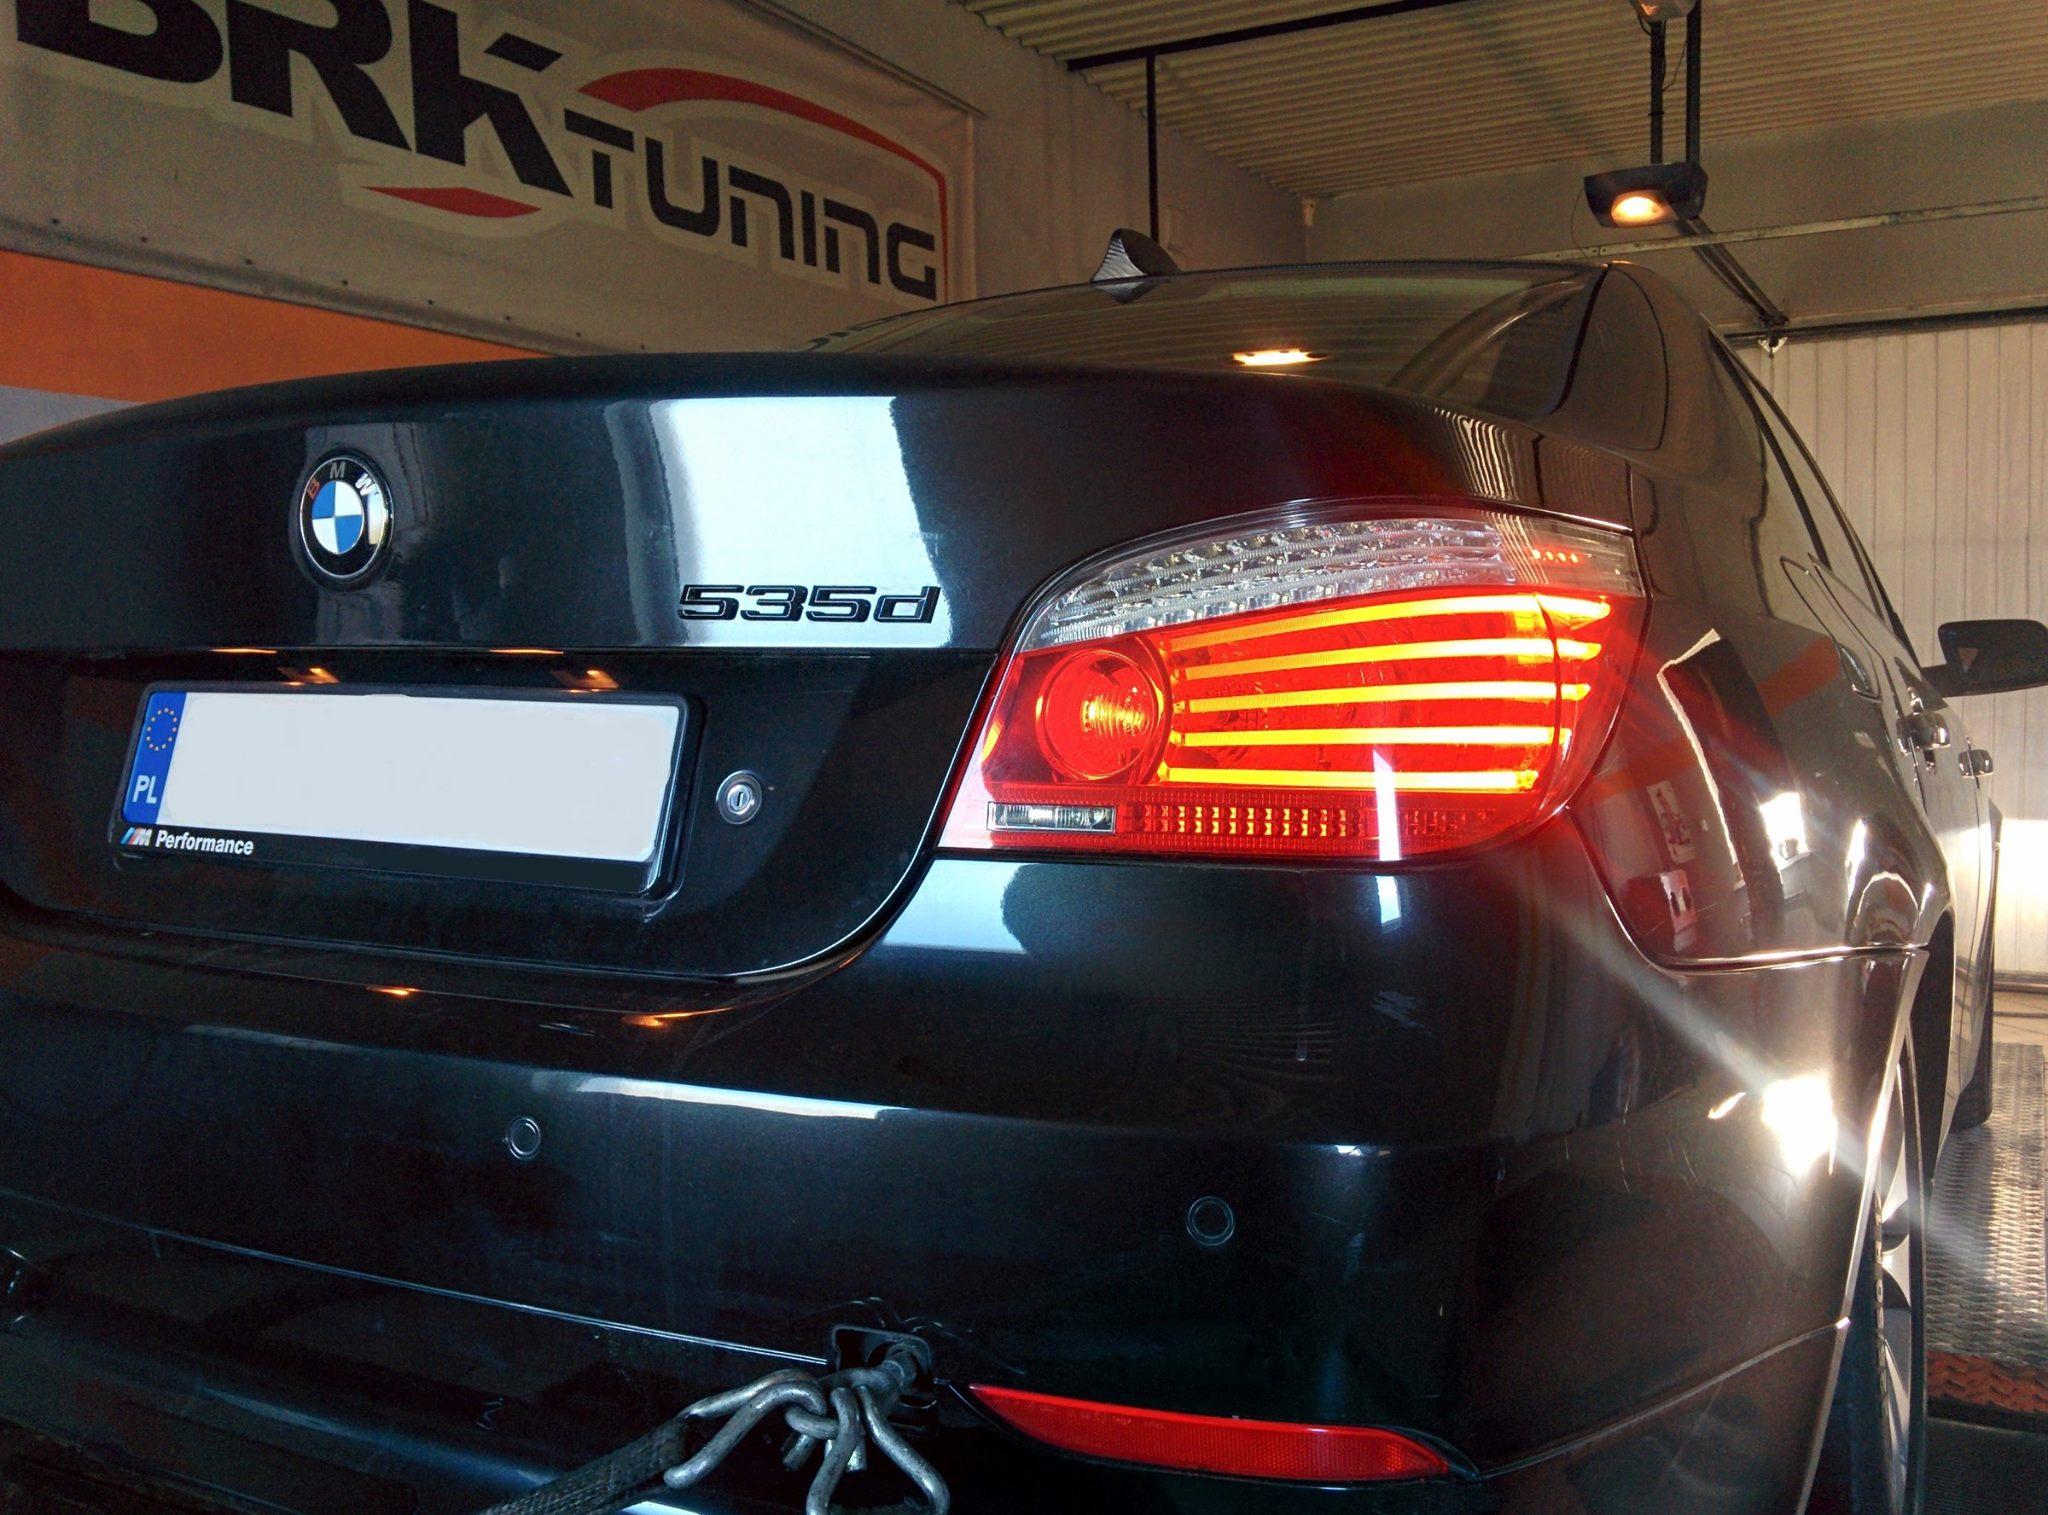 BMW 535d - sprawdzamy przyrost mocy po zabiegu chiptuningu